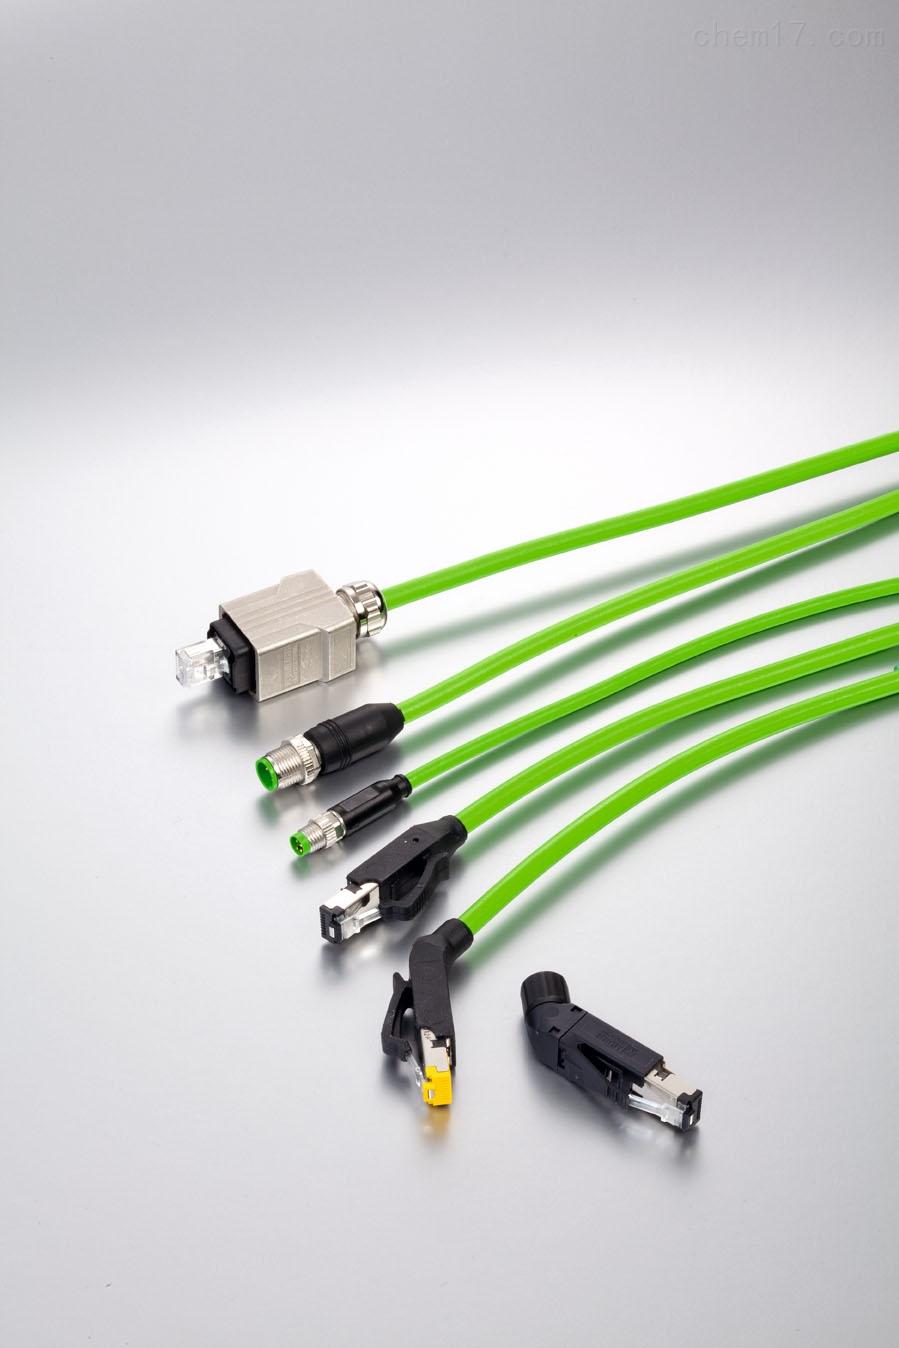 电缆 接线 线 899_1348 竖版 竖屏